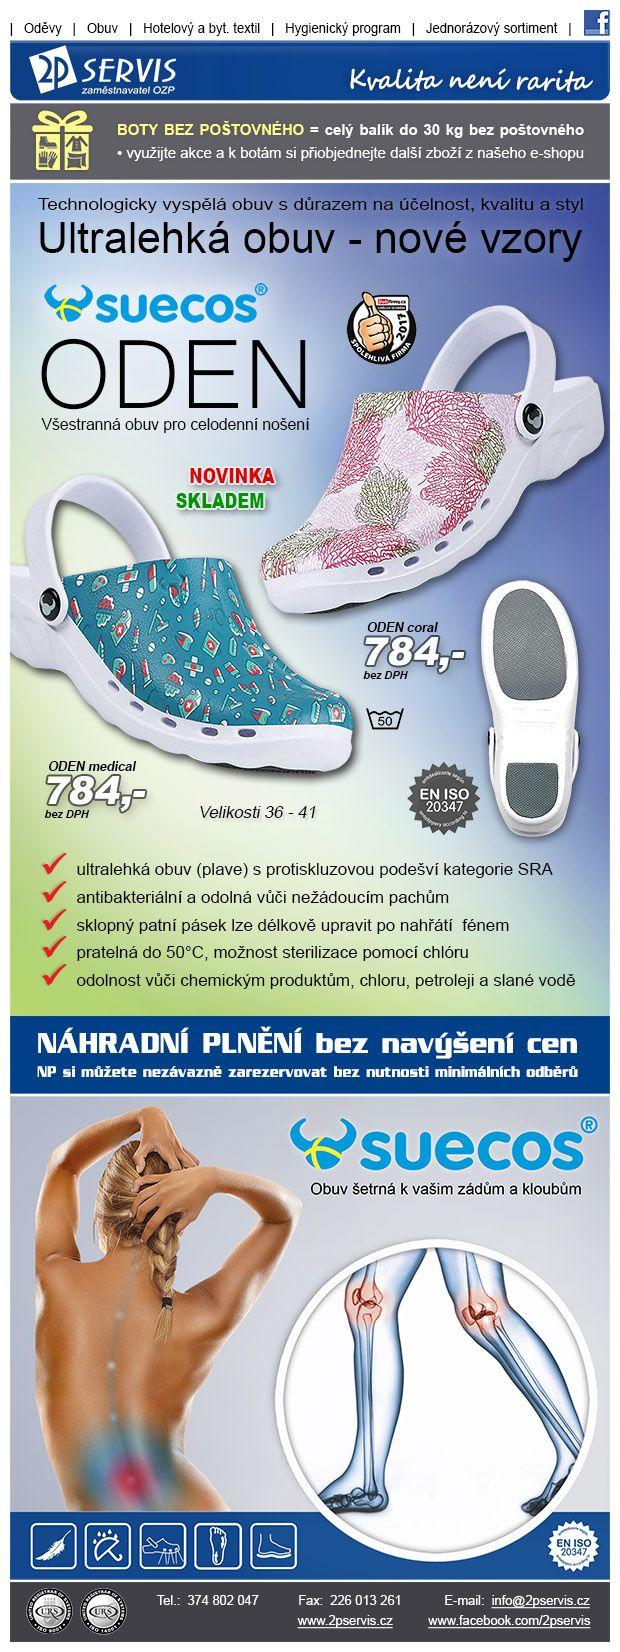 ★ ★ Suecos Oden - Nové vzory Ultralehké obuvi ★ ★